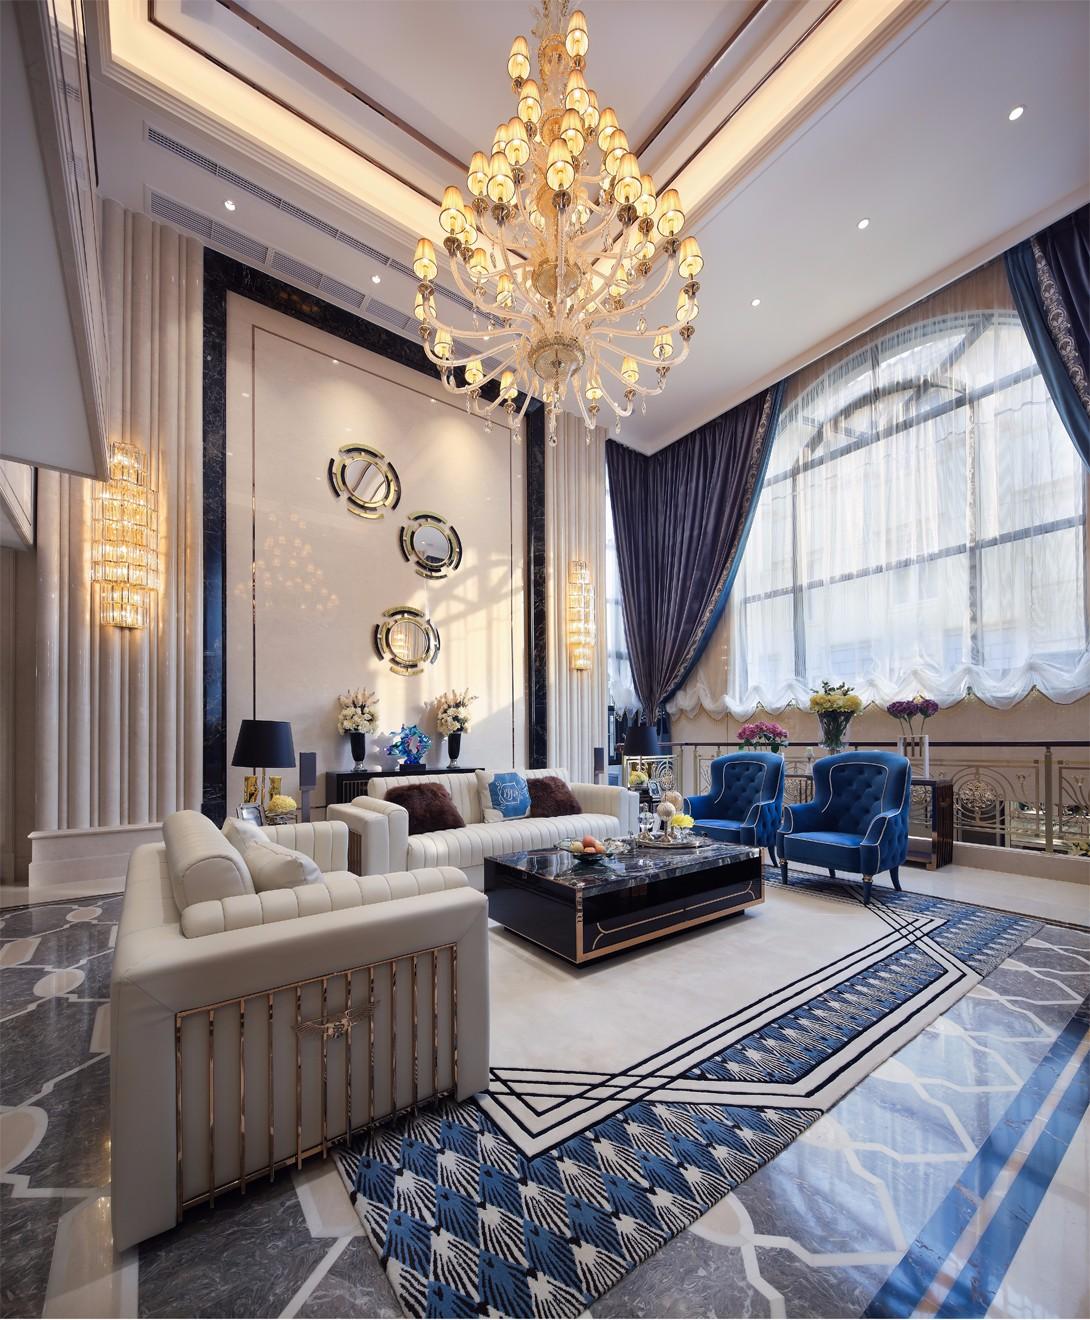 客厅采用挑空的设计布局,瞬间给人一种大气、奢华的视觉感受,再配以时尚纹样的蓝色大理石作为墙地面的装修用材,香槟金不锈钢条作为点缀,奢侈品牌家私与精致配饰锦上添花,丰富色调的同时凸显了空间的时尚典雅。阳光透过大落地玻璃窗照射进来,通透的空间散发时尚奢华的气质。